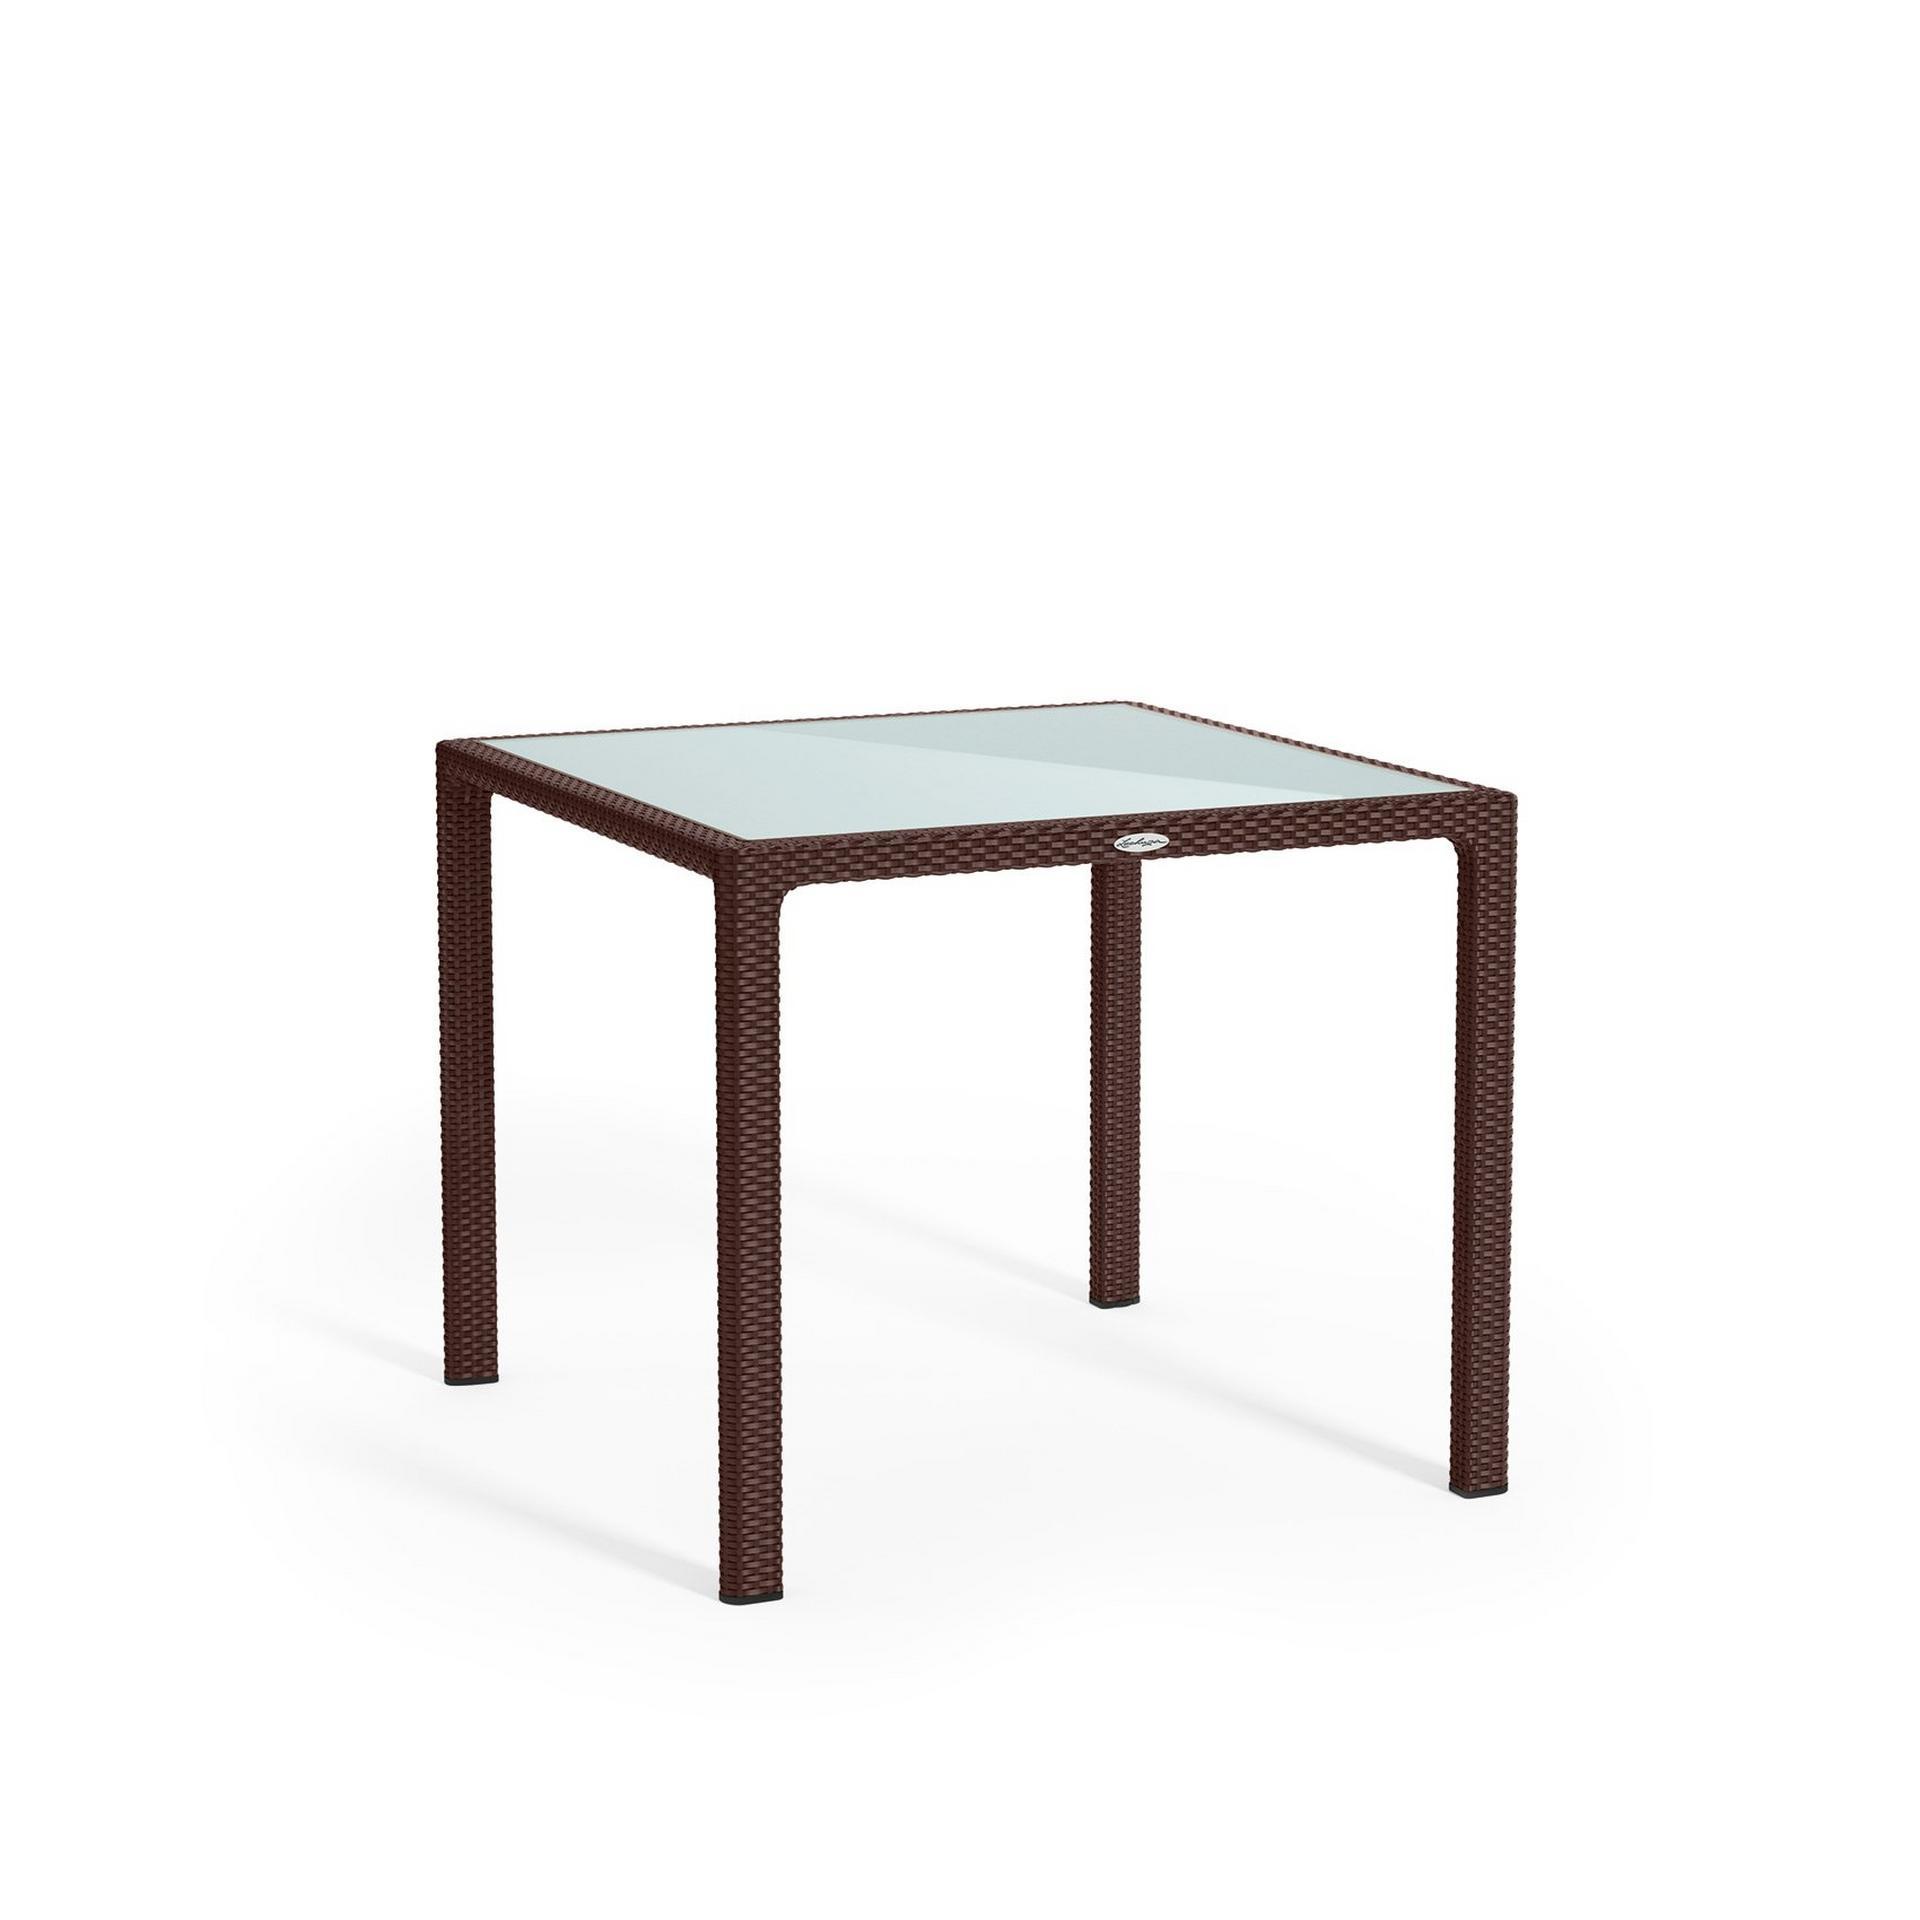 Petite table moka